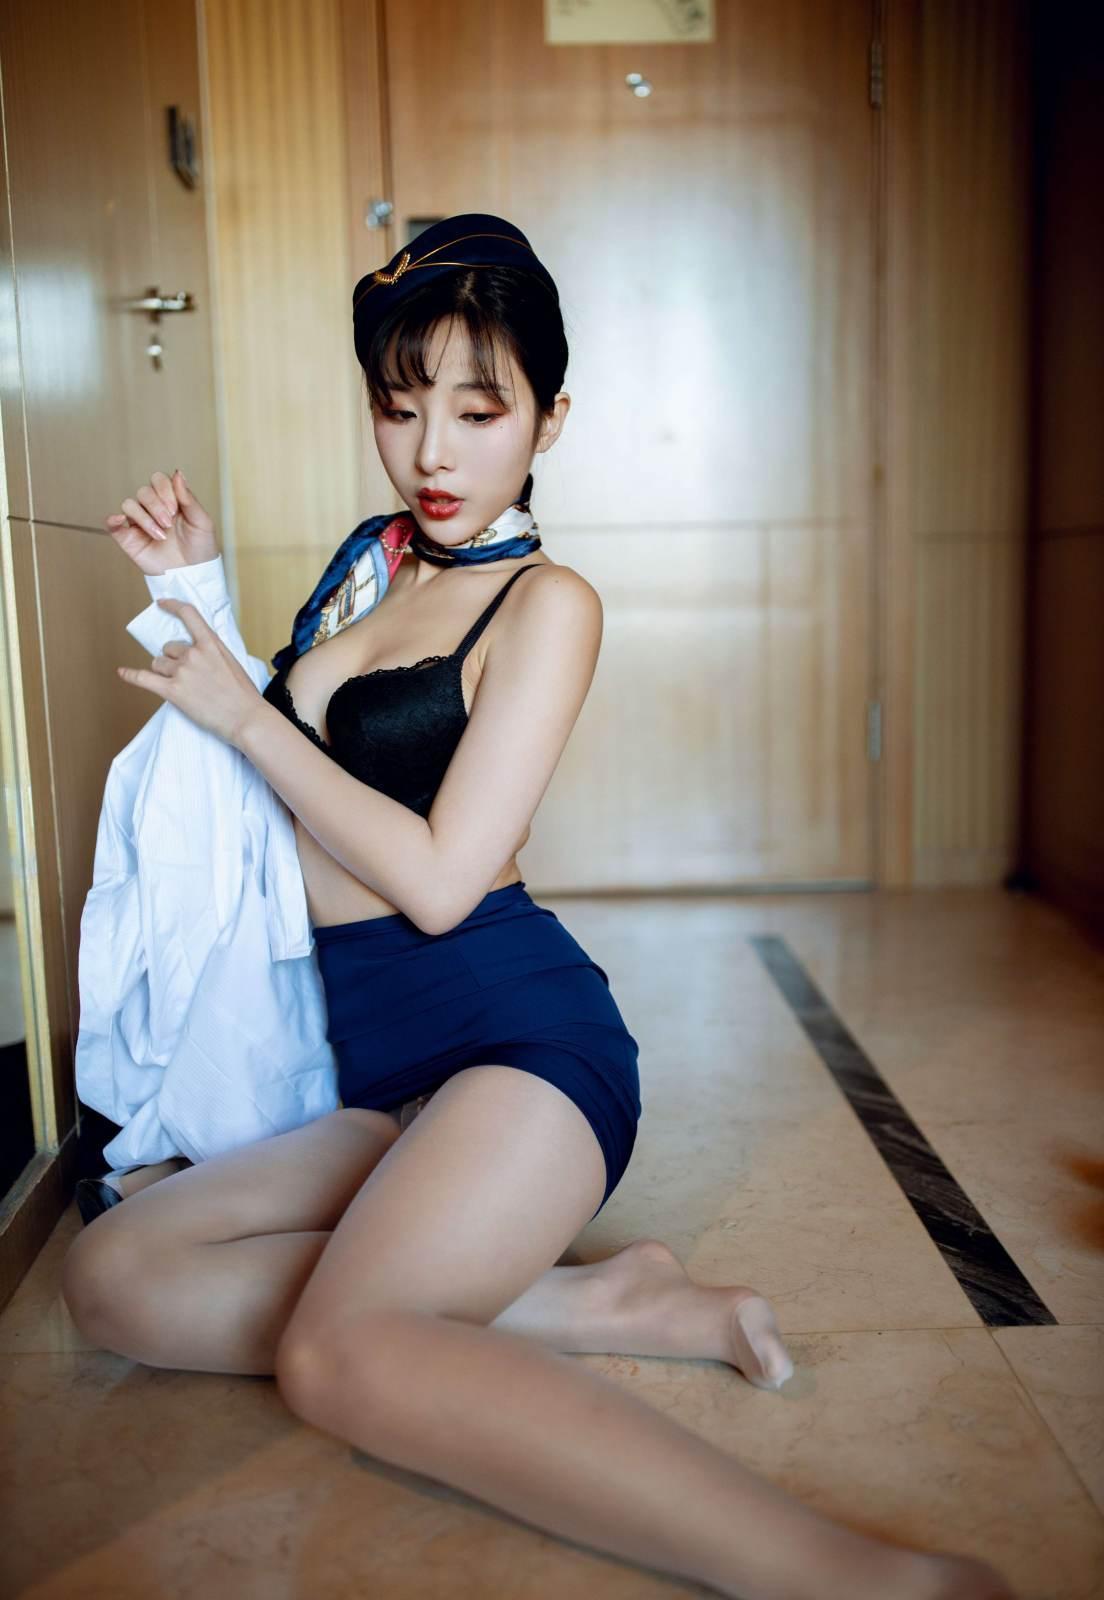 第354期惠质兰心陈小喵(空姐制服,肉丝,高跟,高颜值,美腿)_图片4